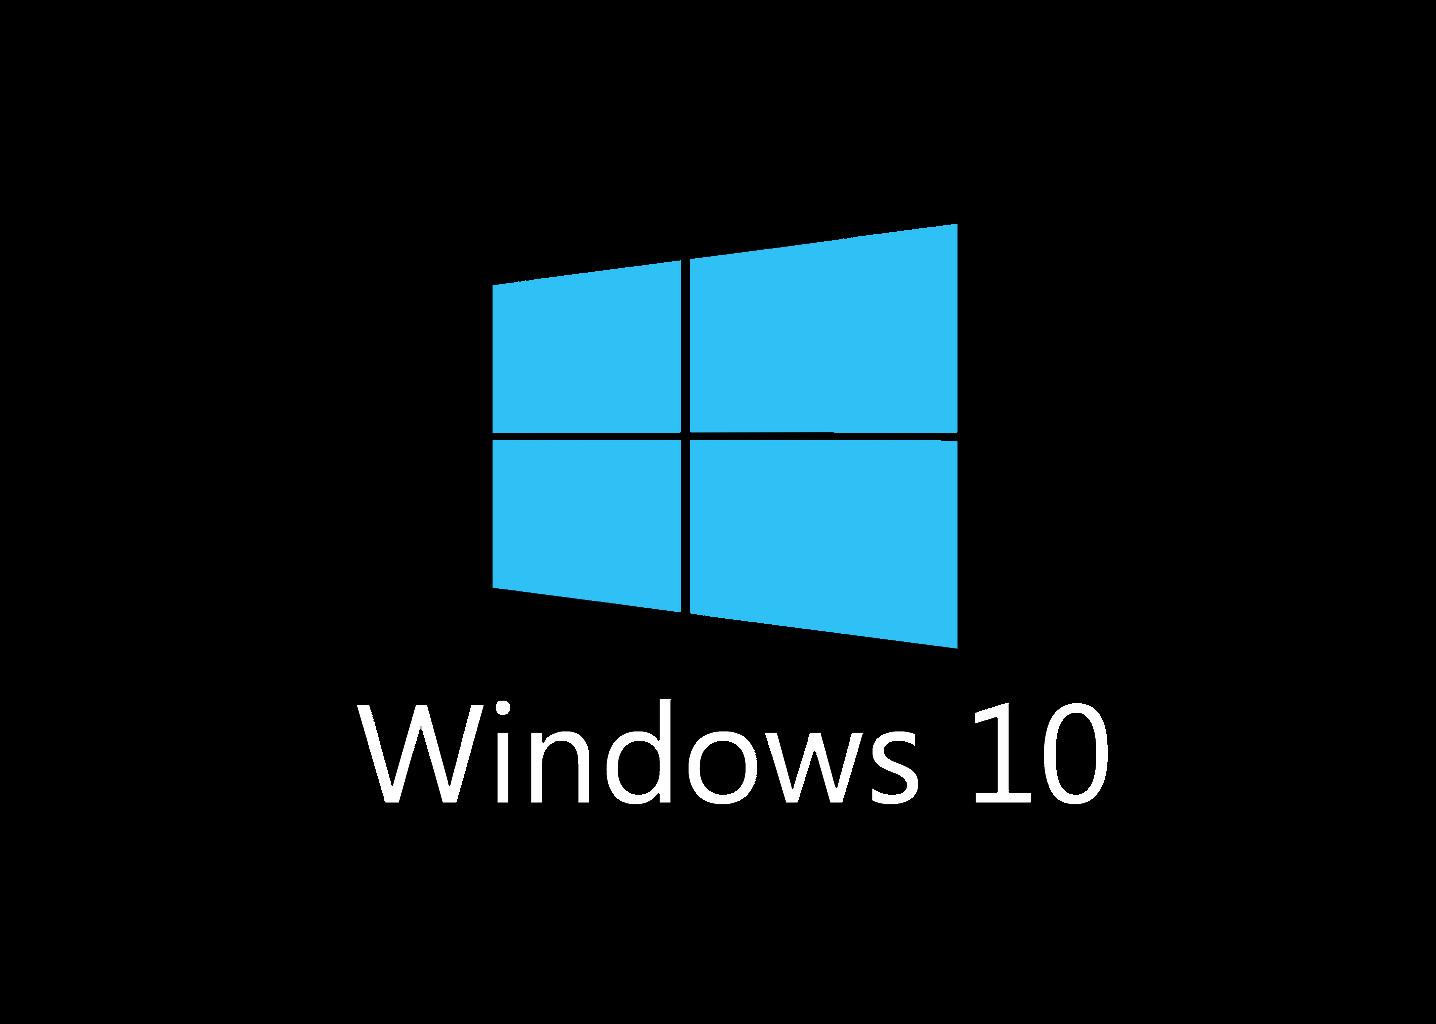 Cómo instalar Windows en una Chromebook paso a paso